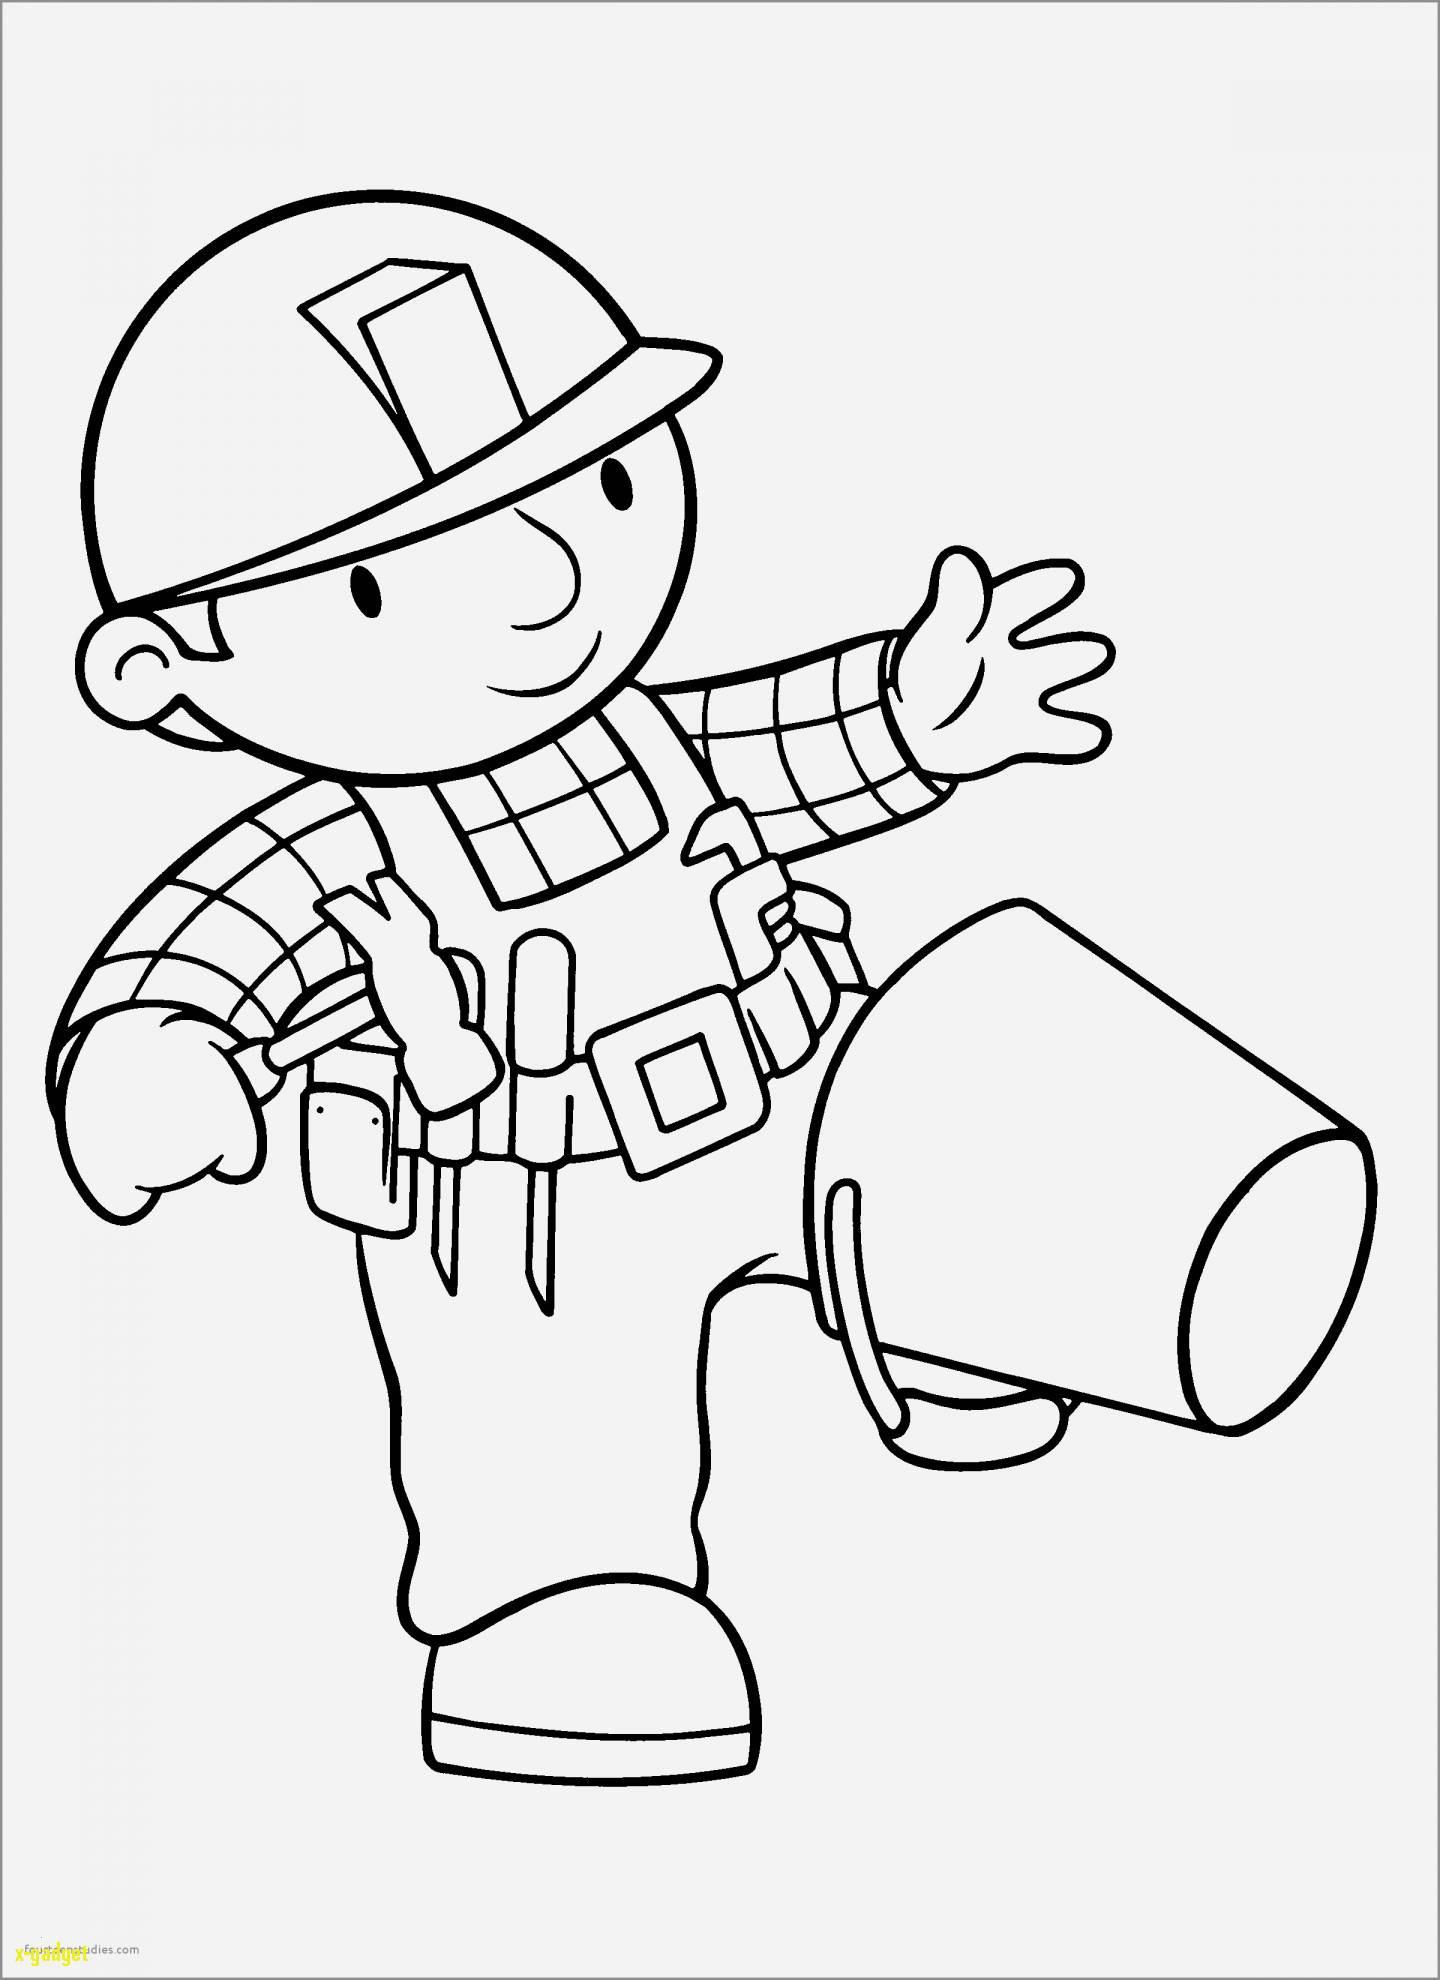 Minions Ausmalbilder Bob Teddy Genial Malvorlagen Bob Der Baumeister Genial 40 Malvorlagen Minions Bob Galerie